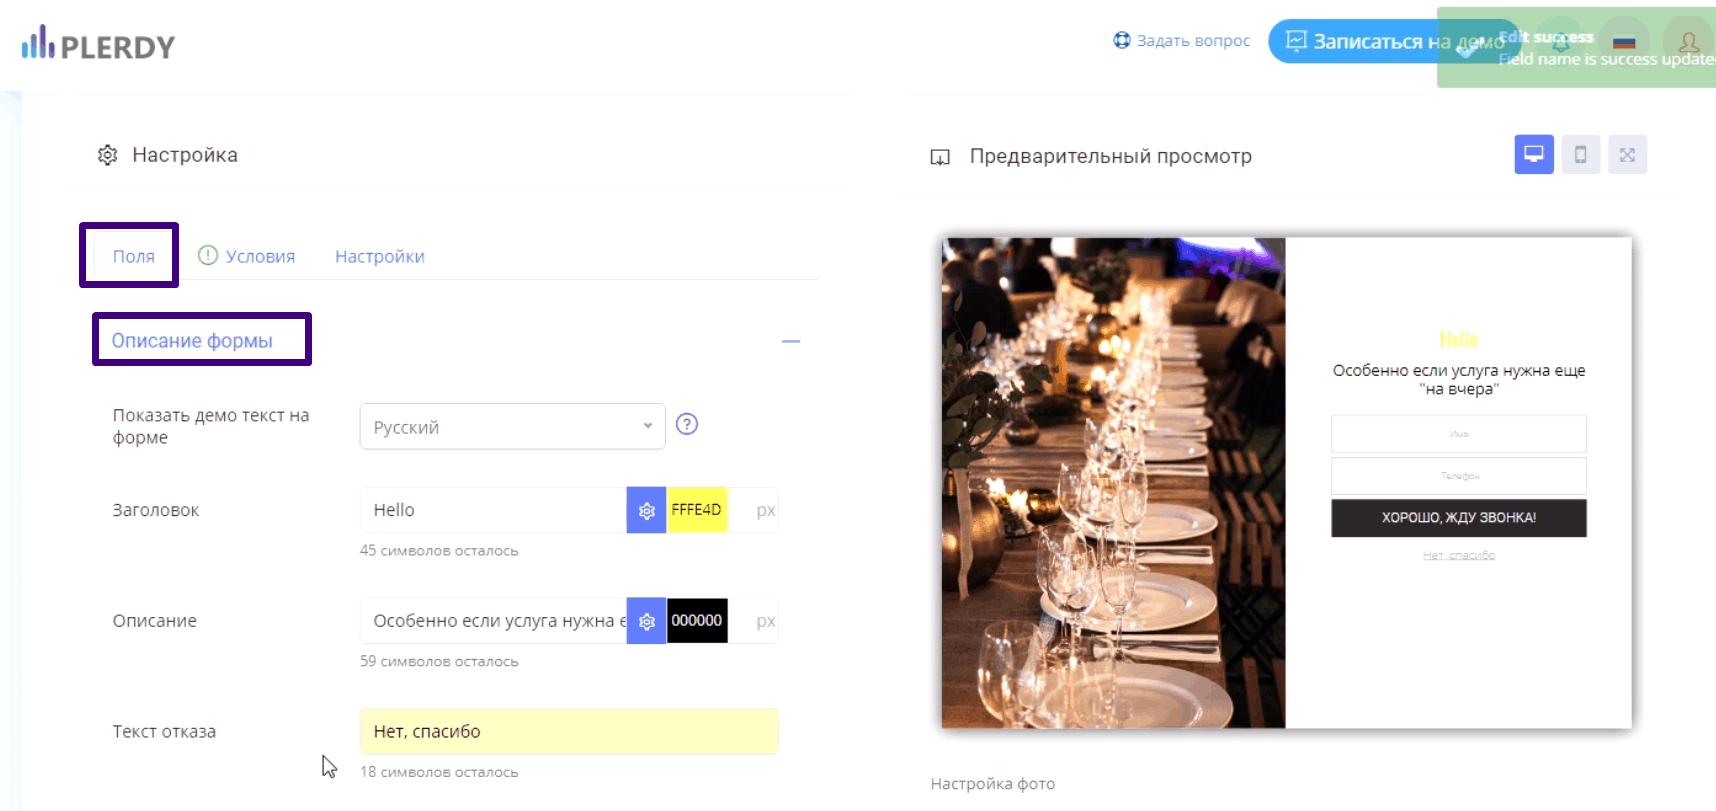 формы Plerdy для заказа в 1 клик 3